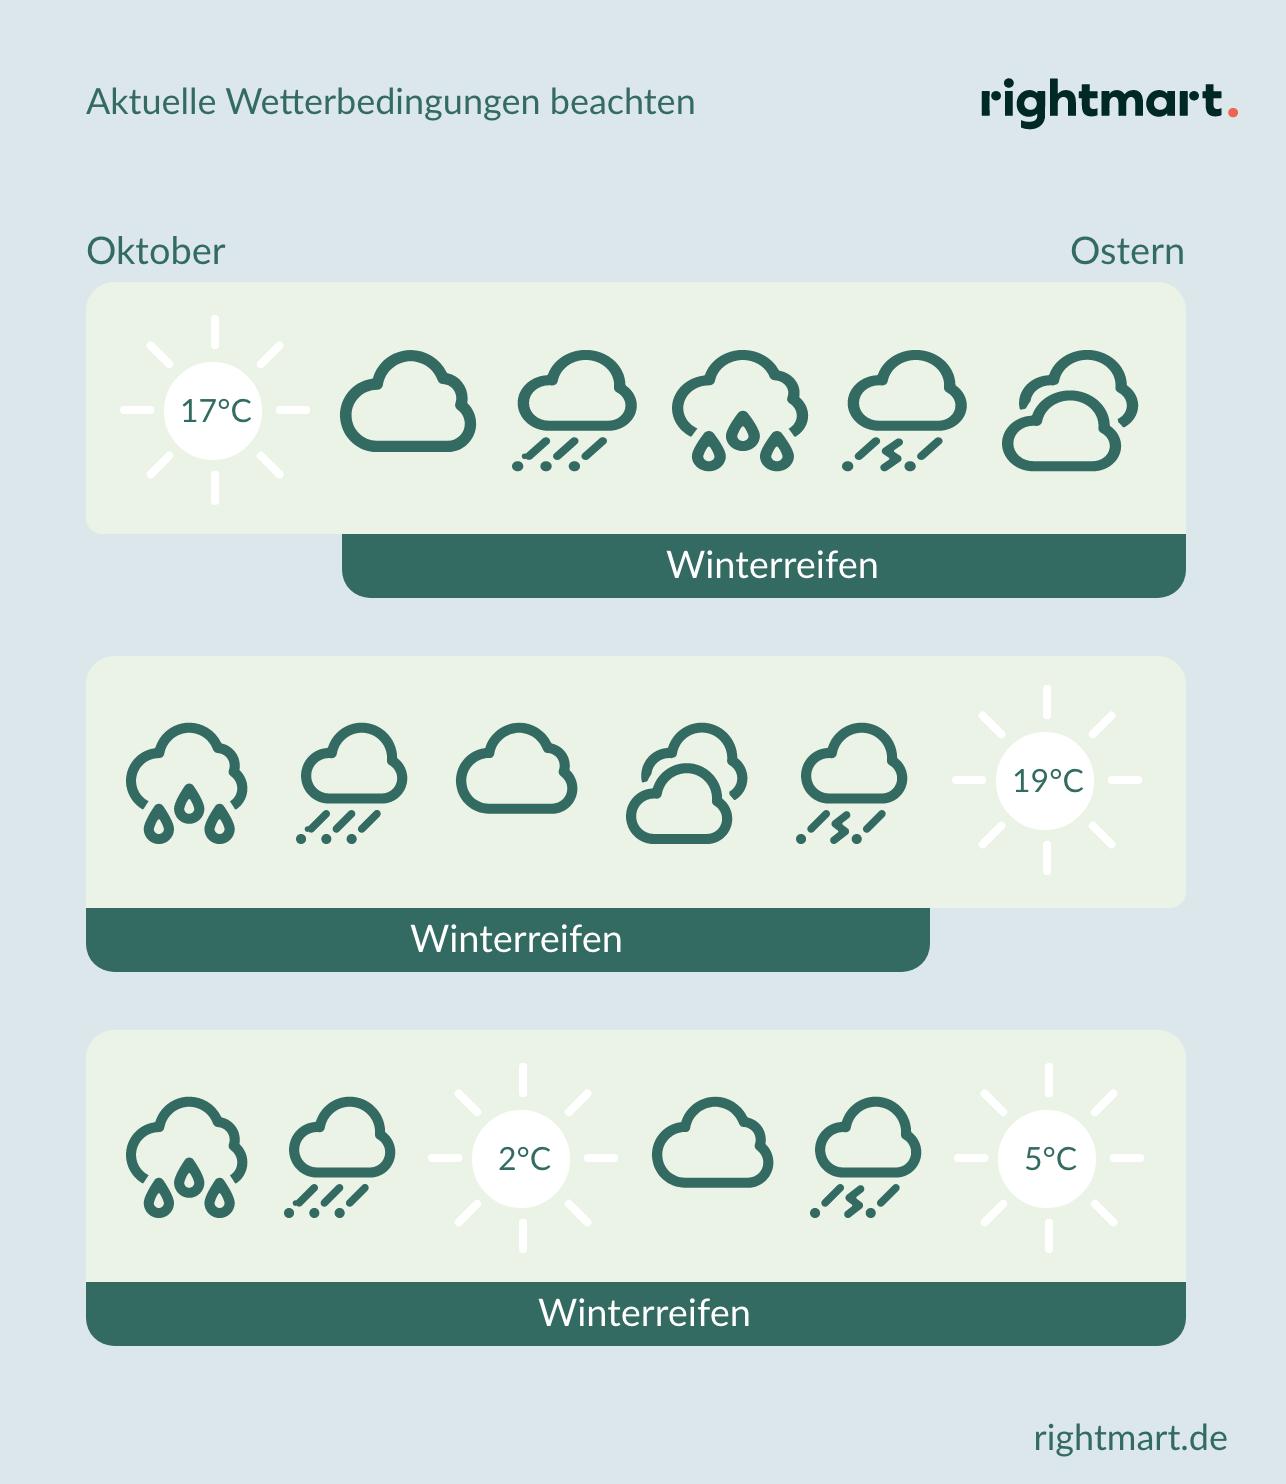 Wetterbedingungen Winterreifen